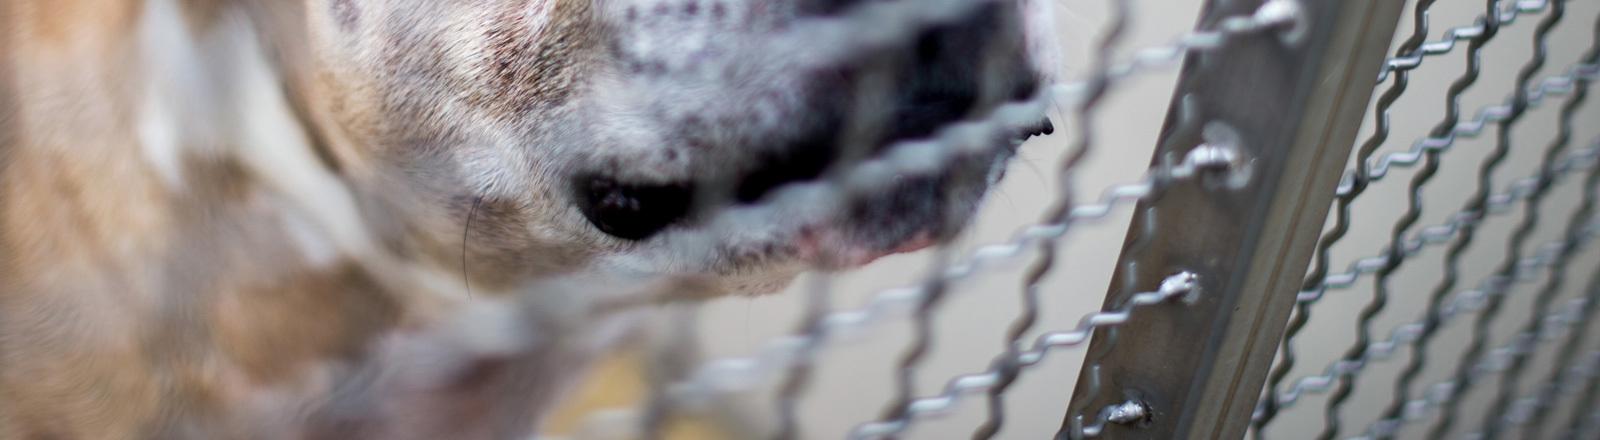 Der Staffordshire-Terrier-Mischling «Chico» steht in einem Gehege im Tierheim Hannover. Der Hund soll seine 27 und 52 Jahre alten Besitzer in ihrer Wohnung in einem Mehrfamilienhaus getötet haben.